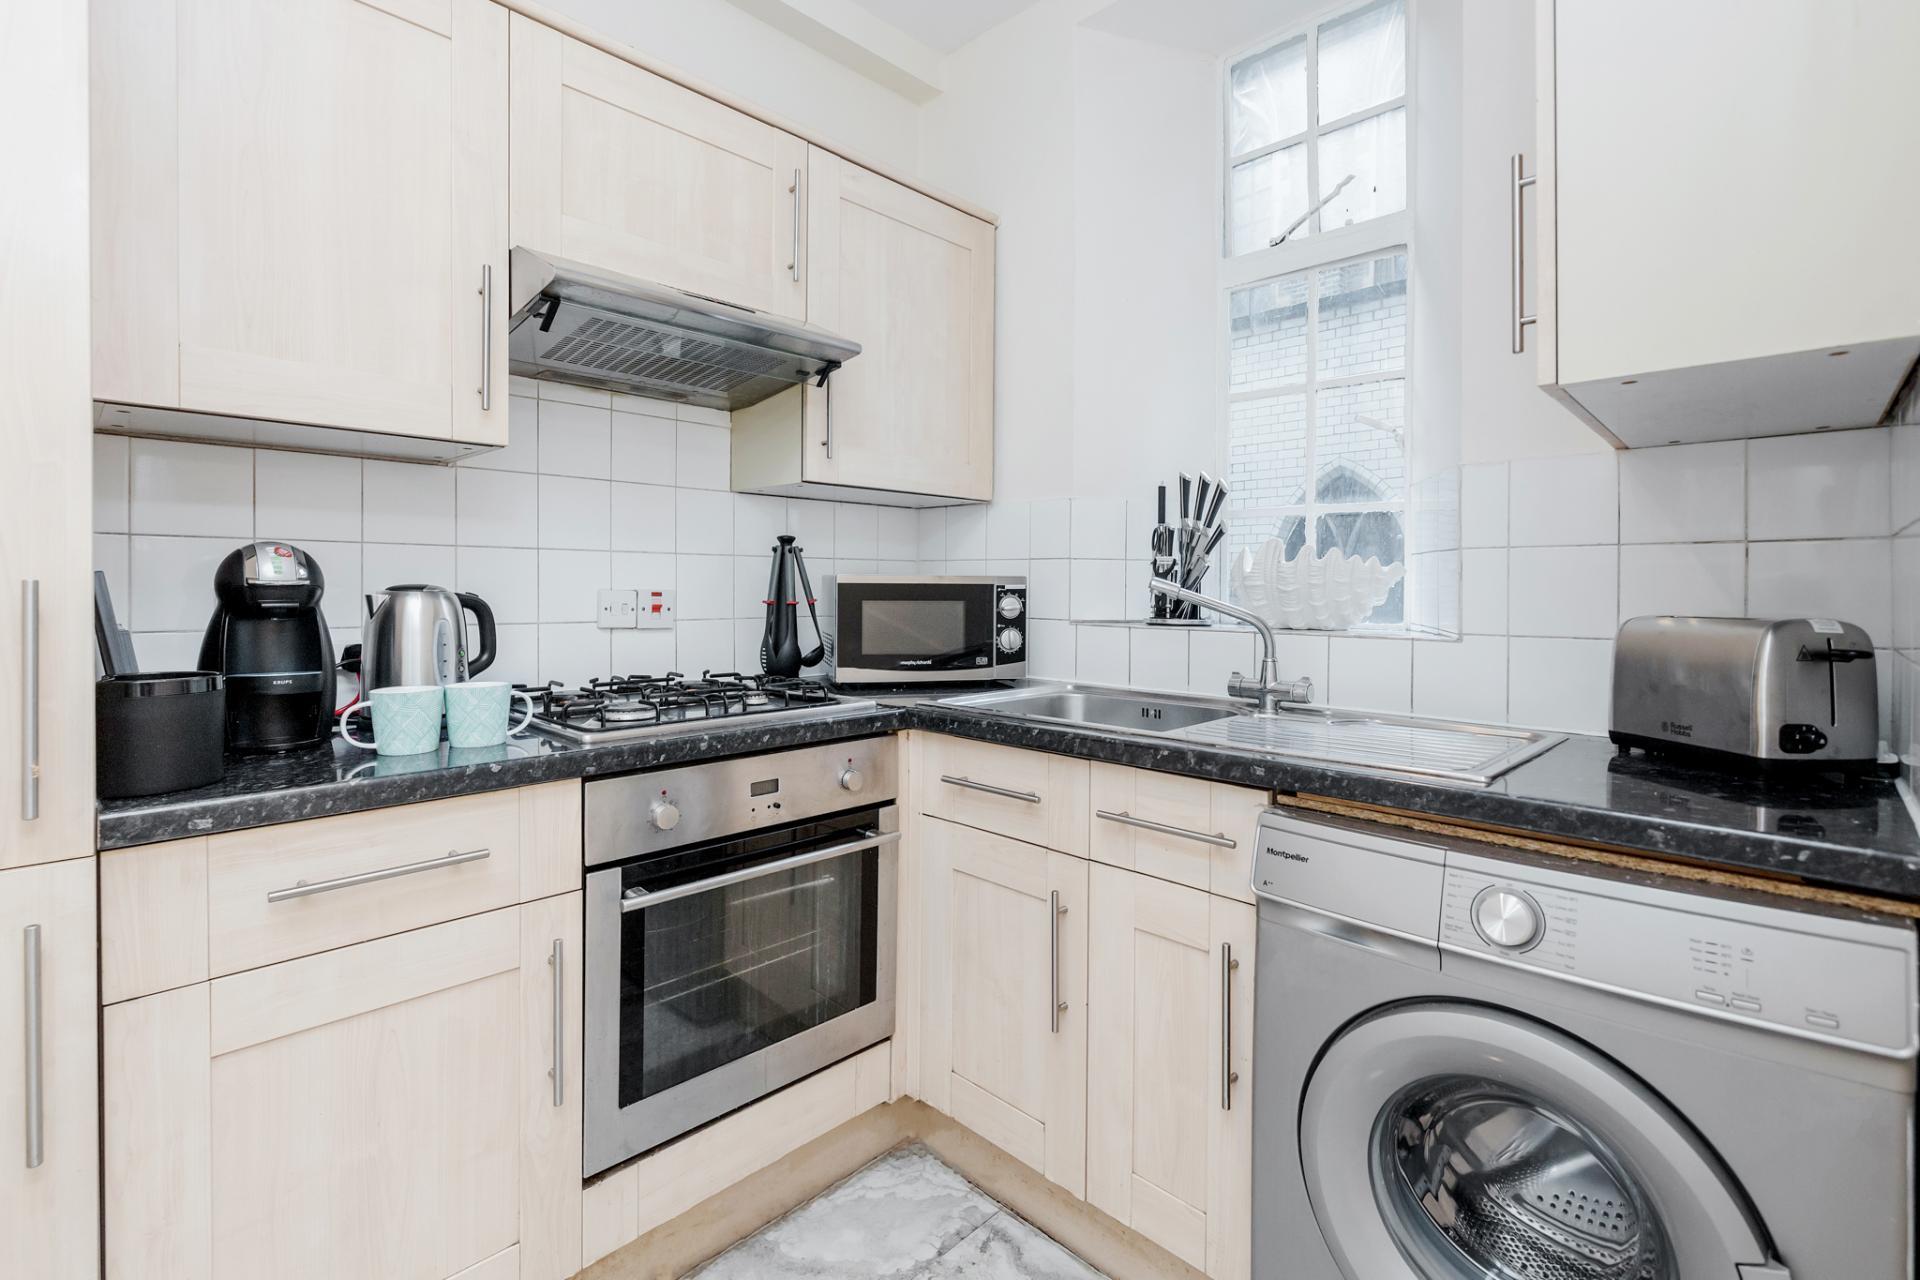 Oven at Marylebone Luxury Apartments, Marylebone, London - Citybase Apartments